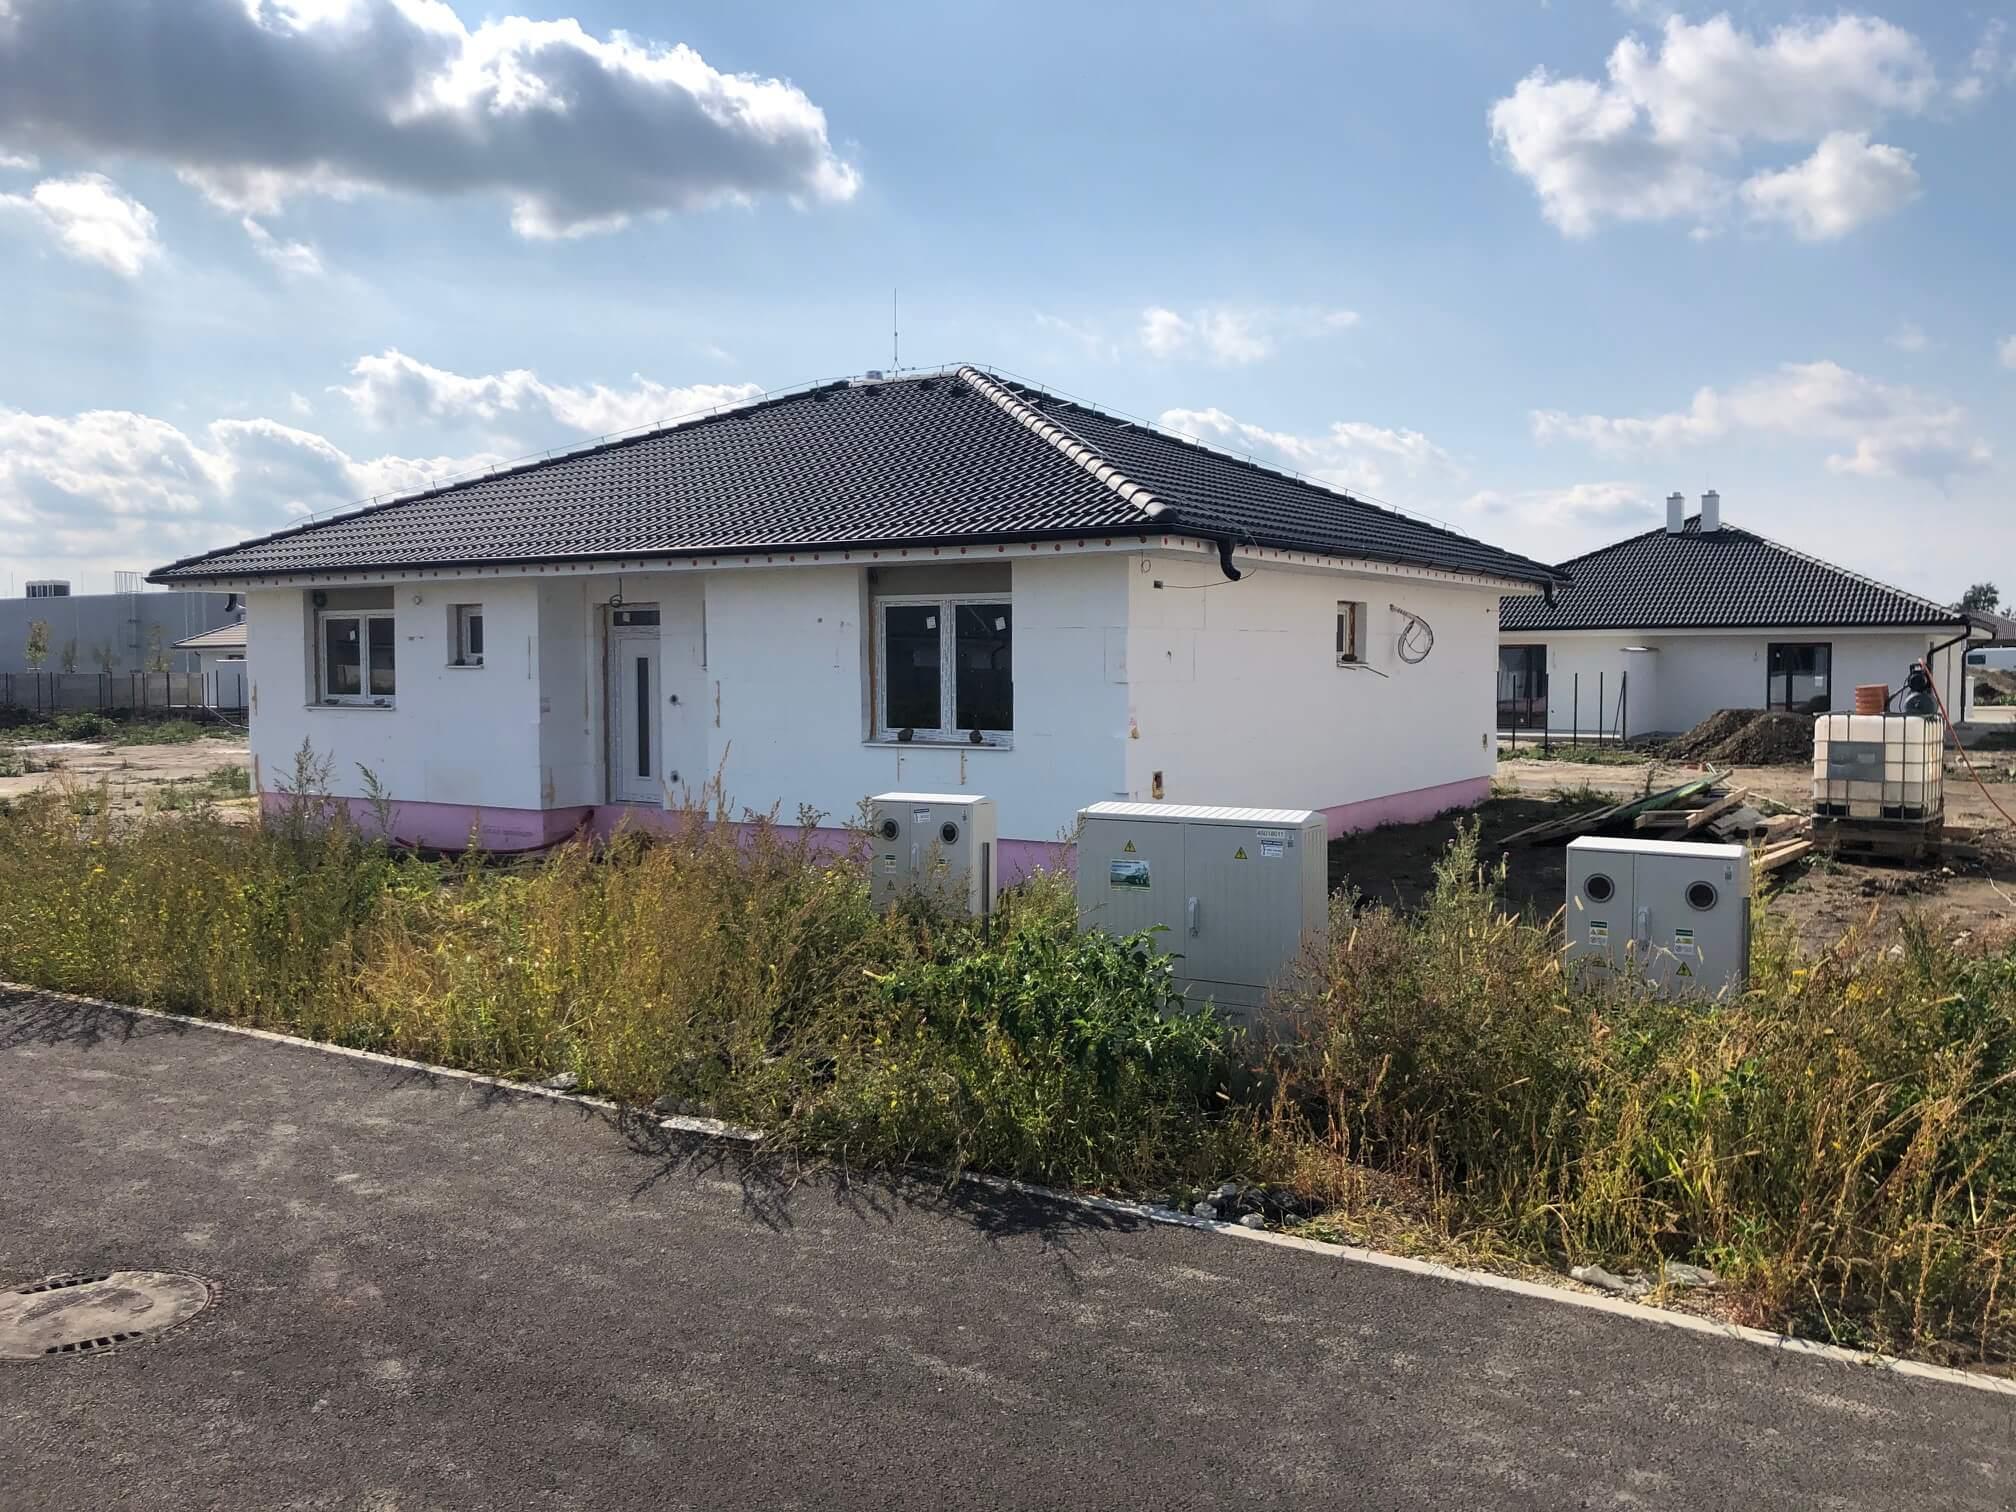 Predané: Exkluzívne 4 izbový Rodinný dom BUNGALOV 116m2, Miloslavov, pozemok 600m2-13